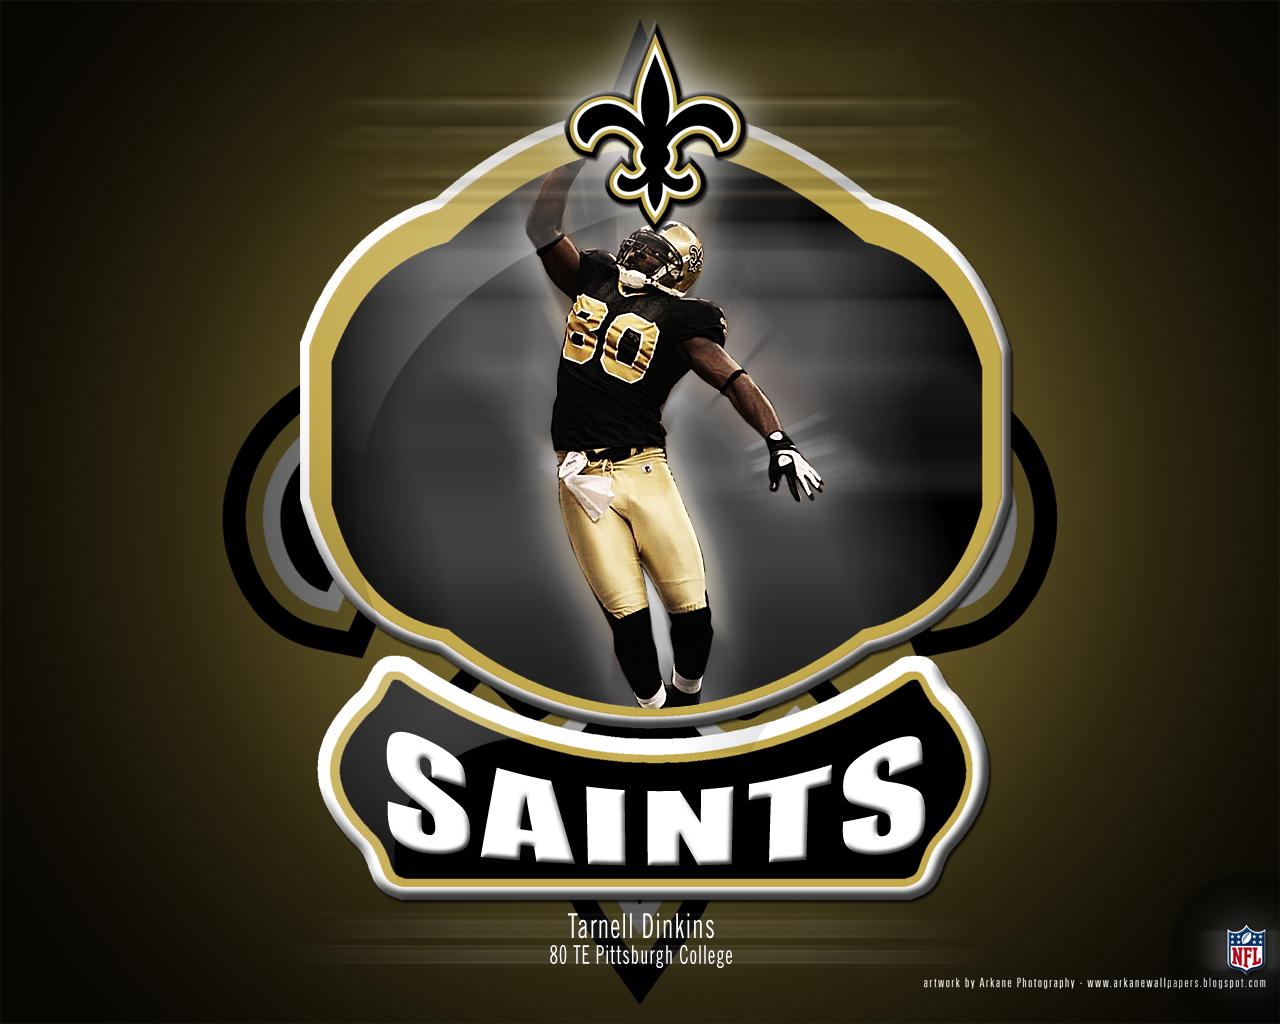 New Orleans Saints wallpaper background image New Orleans Saints 1280x1024